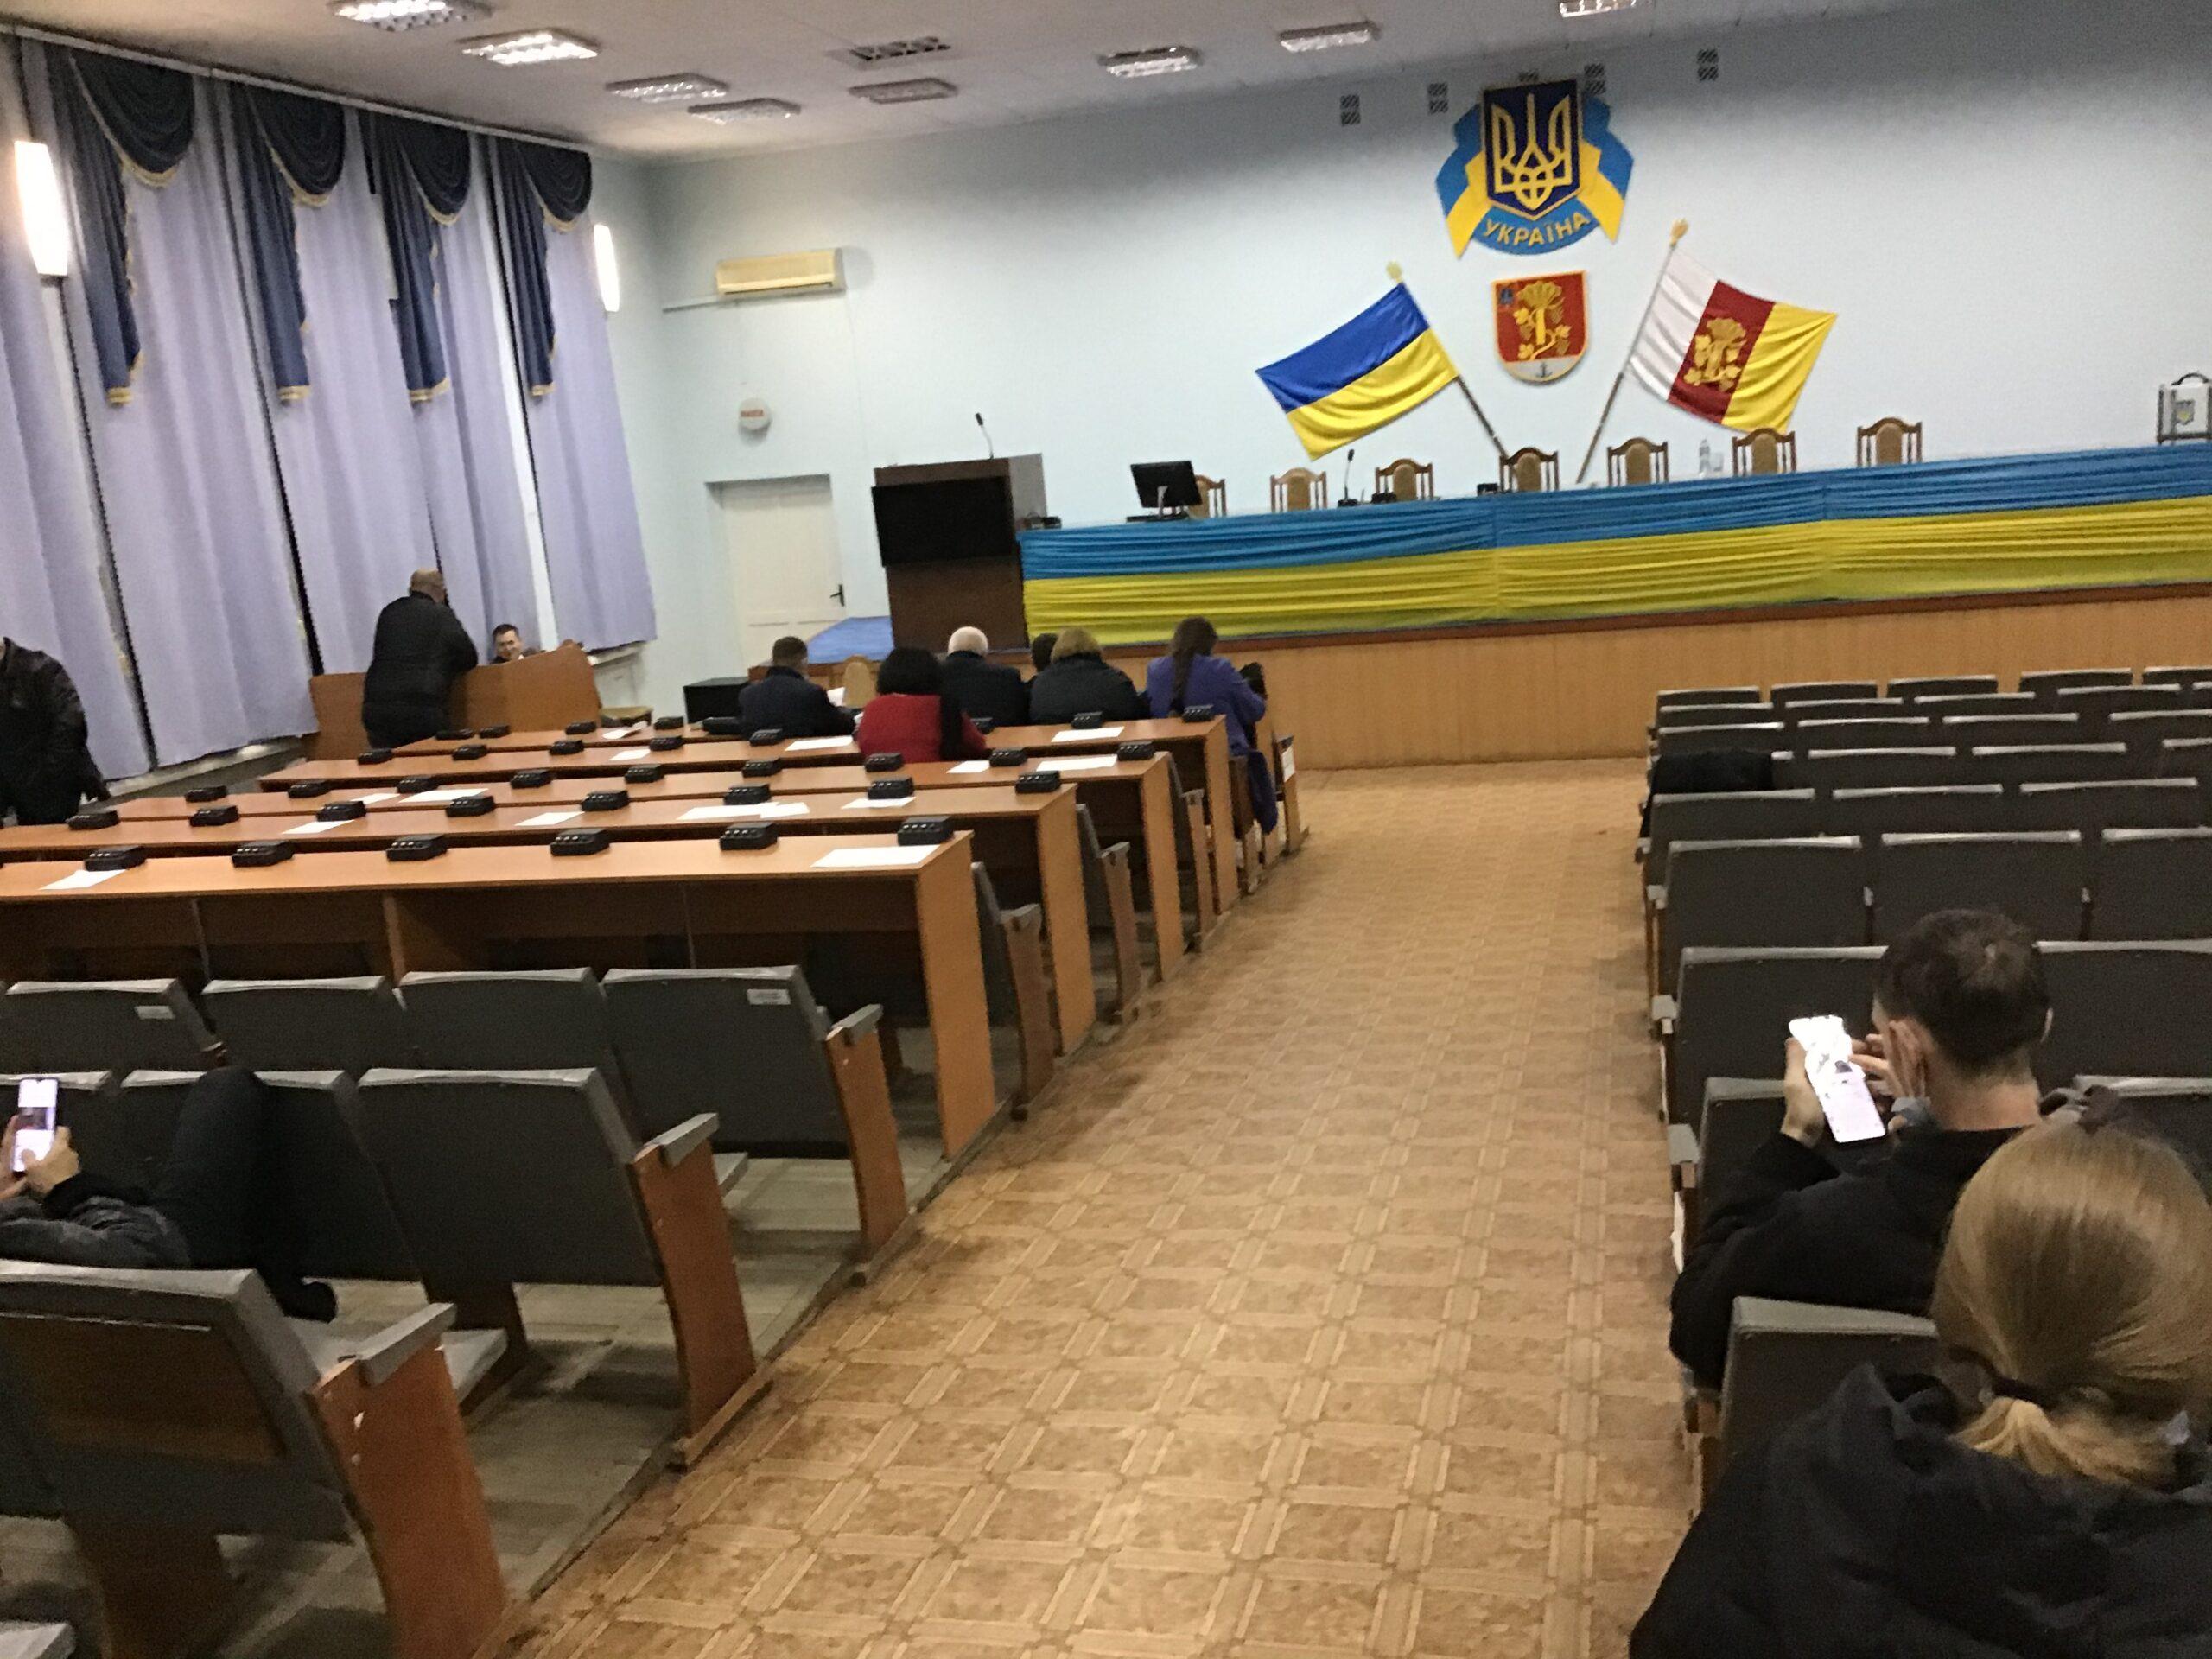 Первая сессия комом: новоизбранные депутаты укрупненного Белгород-Днестровского района пытаясь договориться заседали до поздней ночи